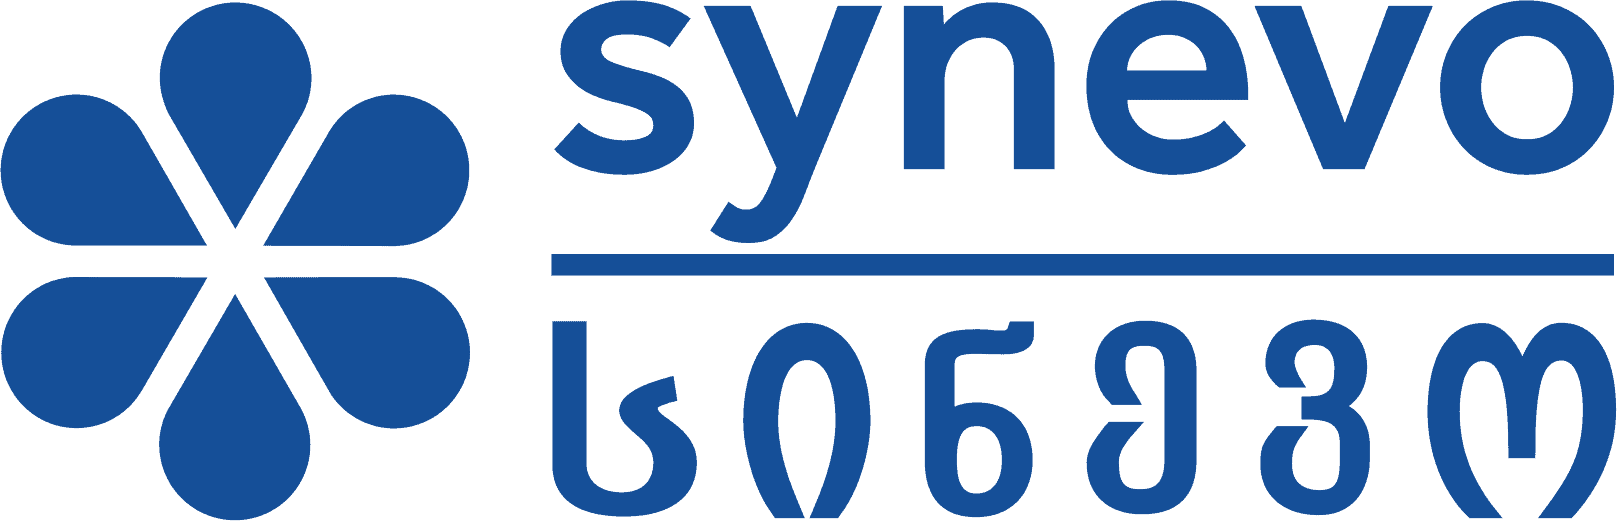 logo png 2 ბლუ